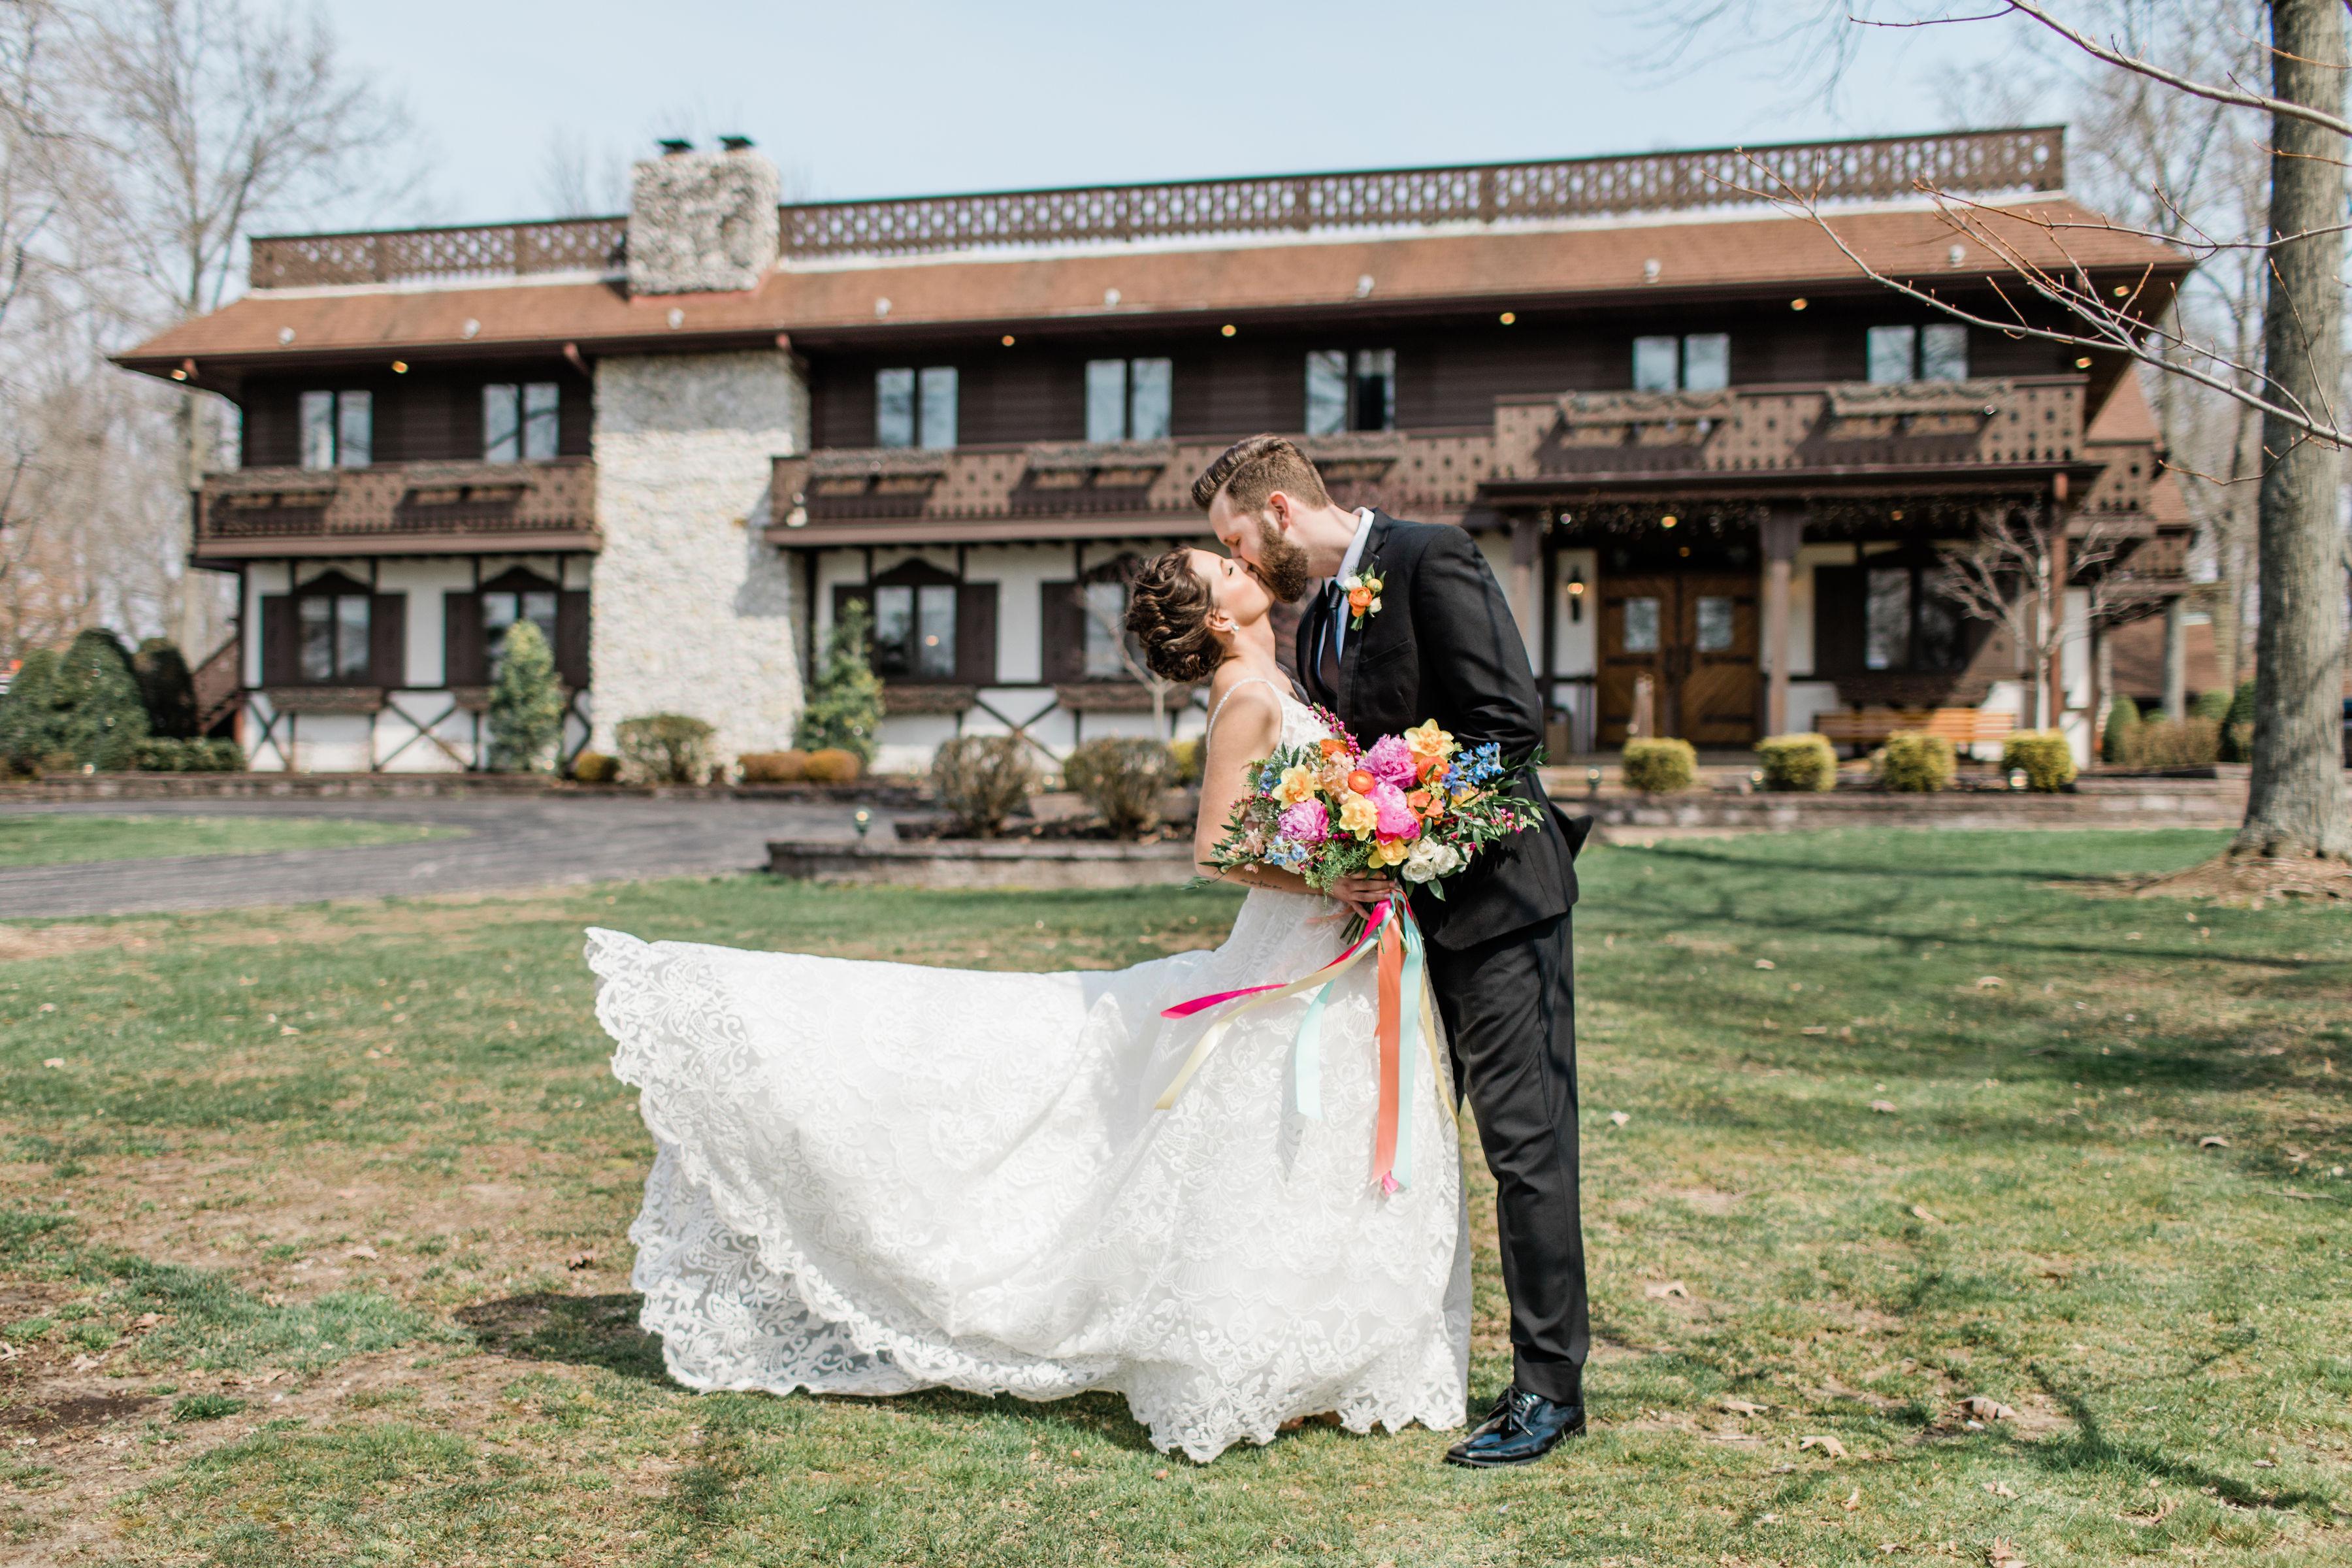 bride and groom standing in front of the Bauerhaus in Darmstadt, Indiana